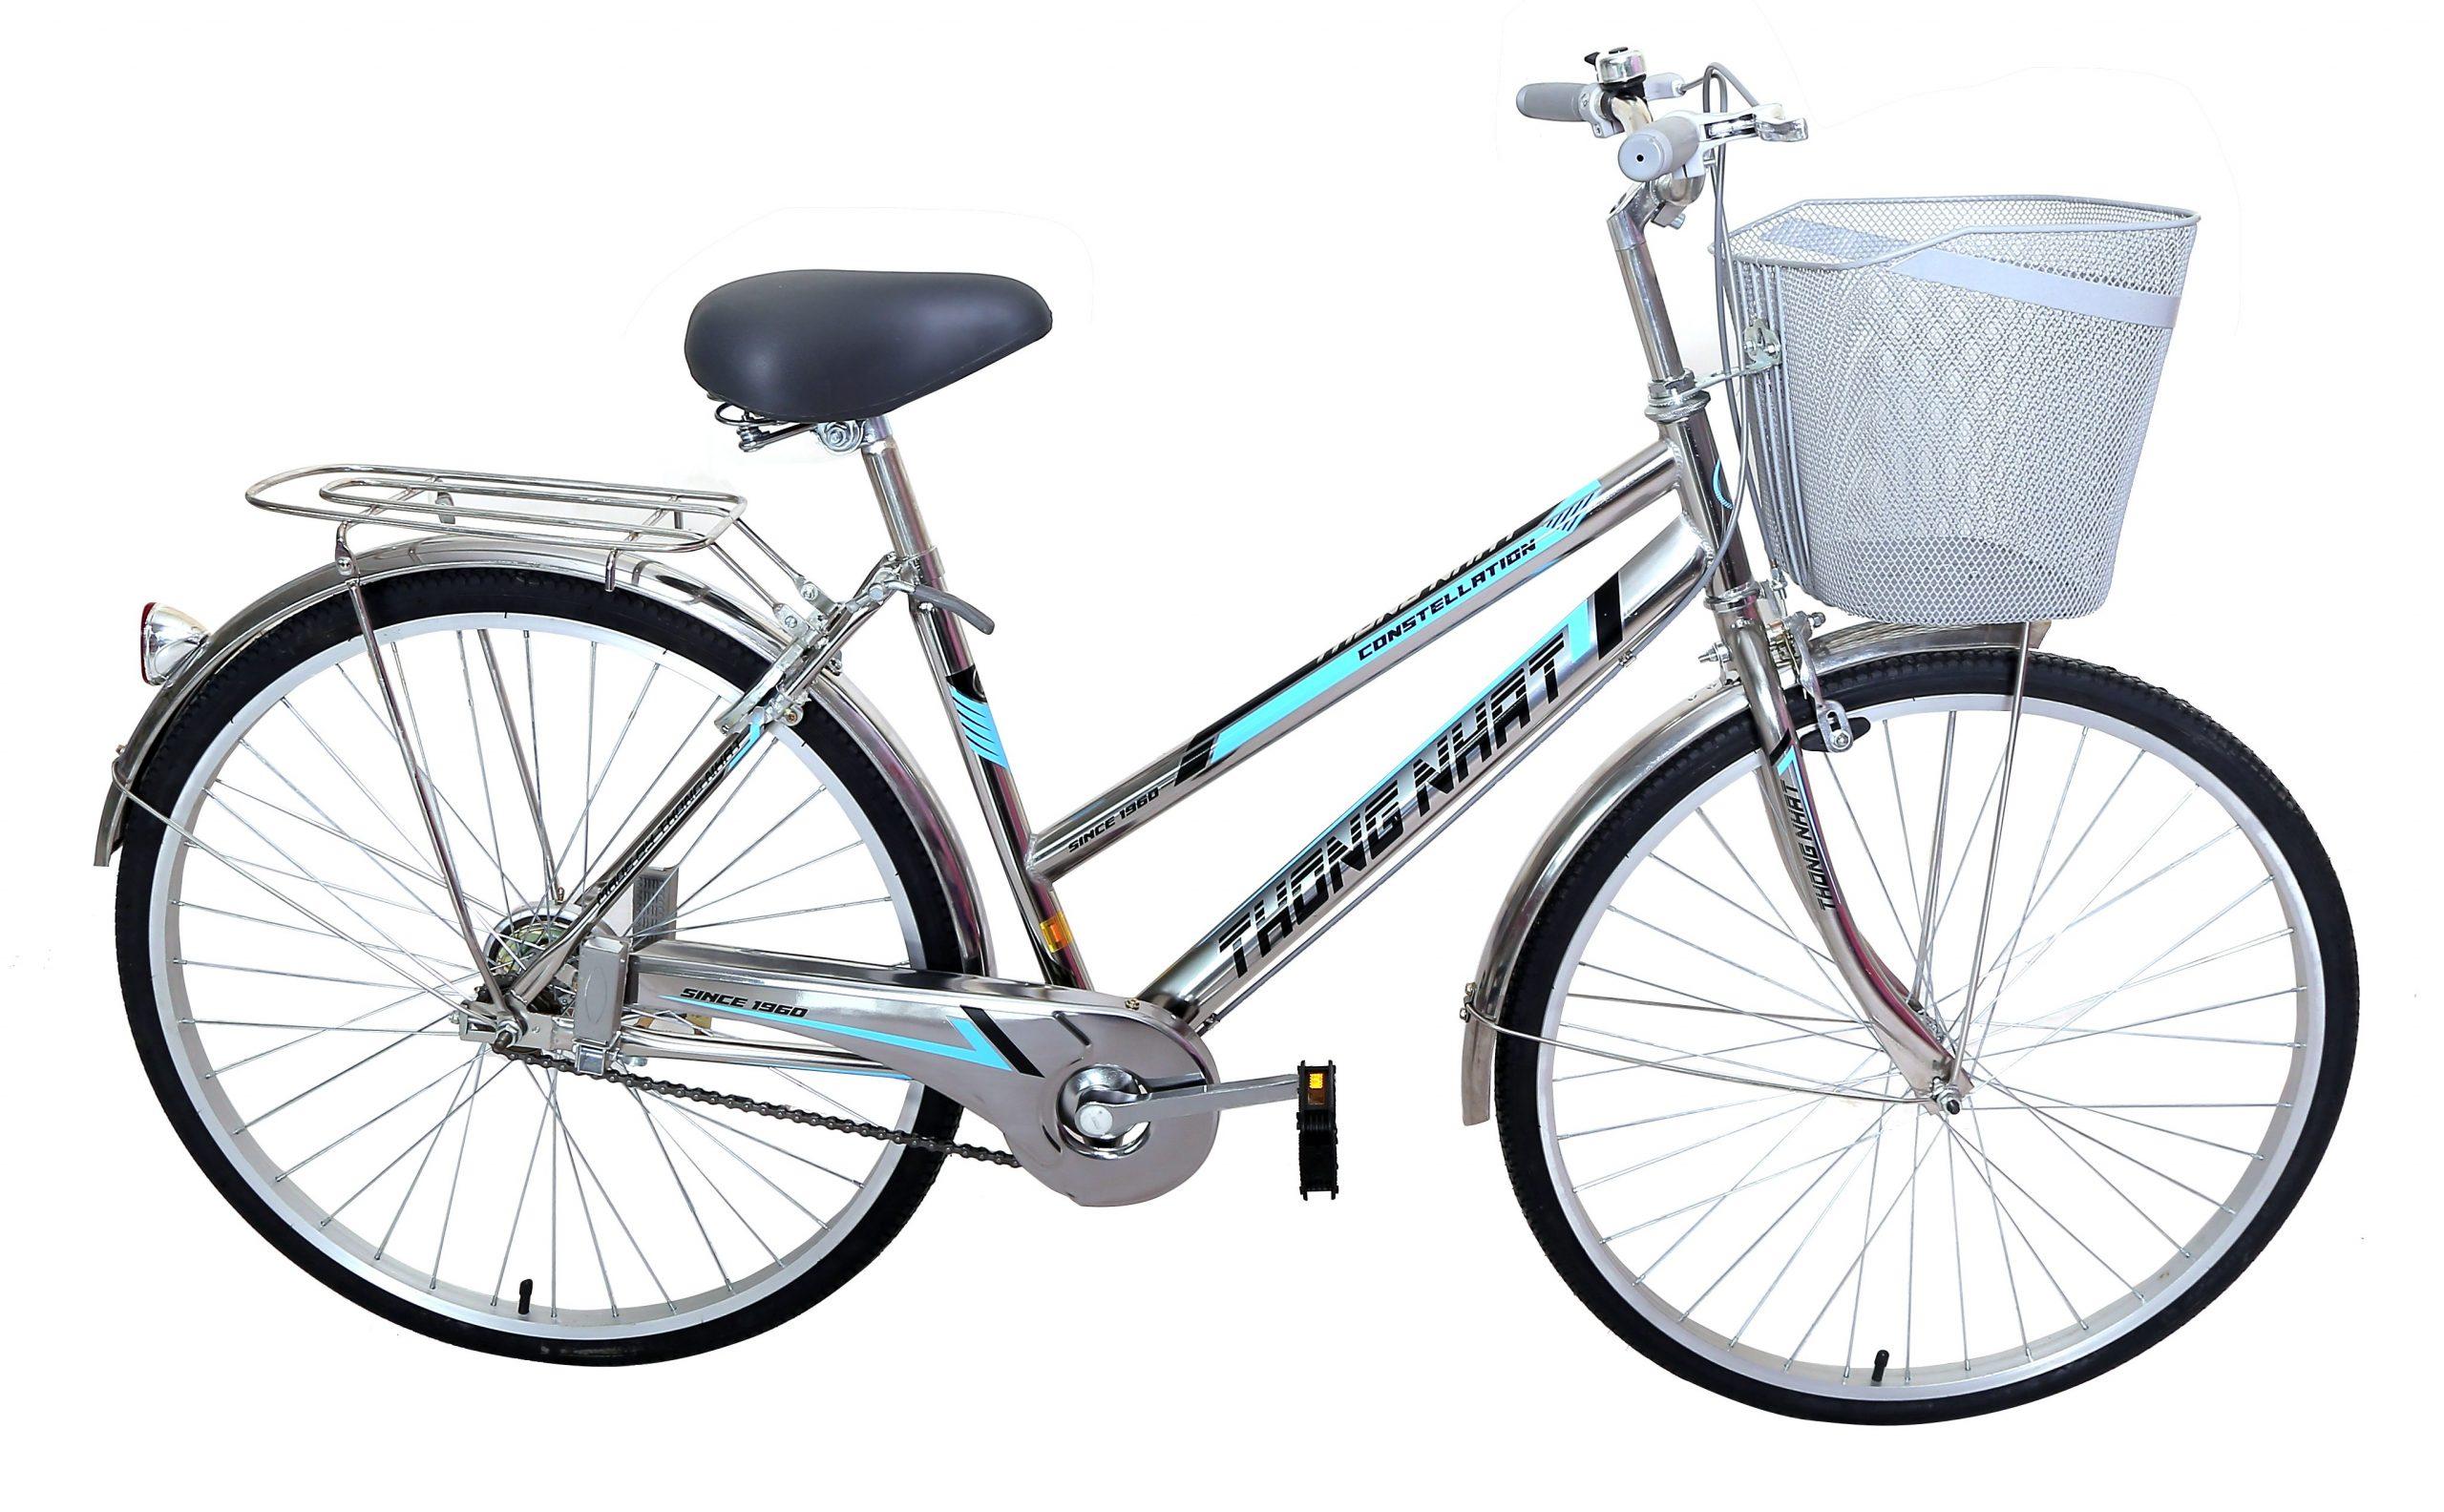 Top Các cửa hàng xe đạp chất lượng và uy tín nhất tại Thanh Hóa